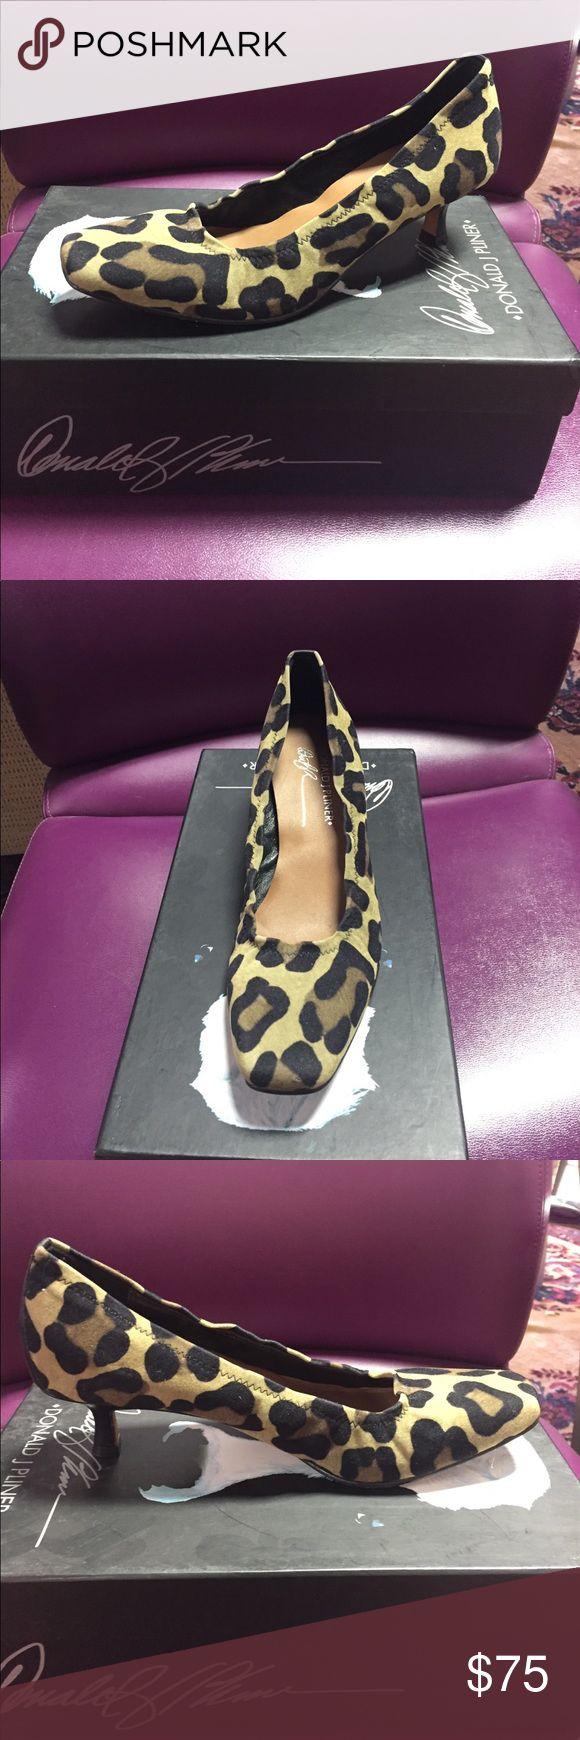 Donald Pliner Leopard print pump Donald Pliner Leopard print pump Donald J. Pliner Shoes Heels